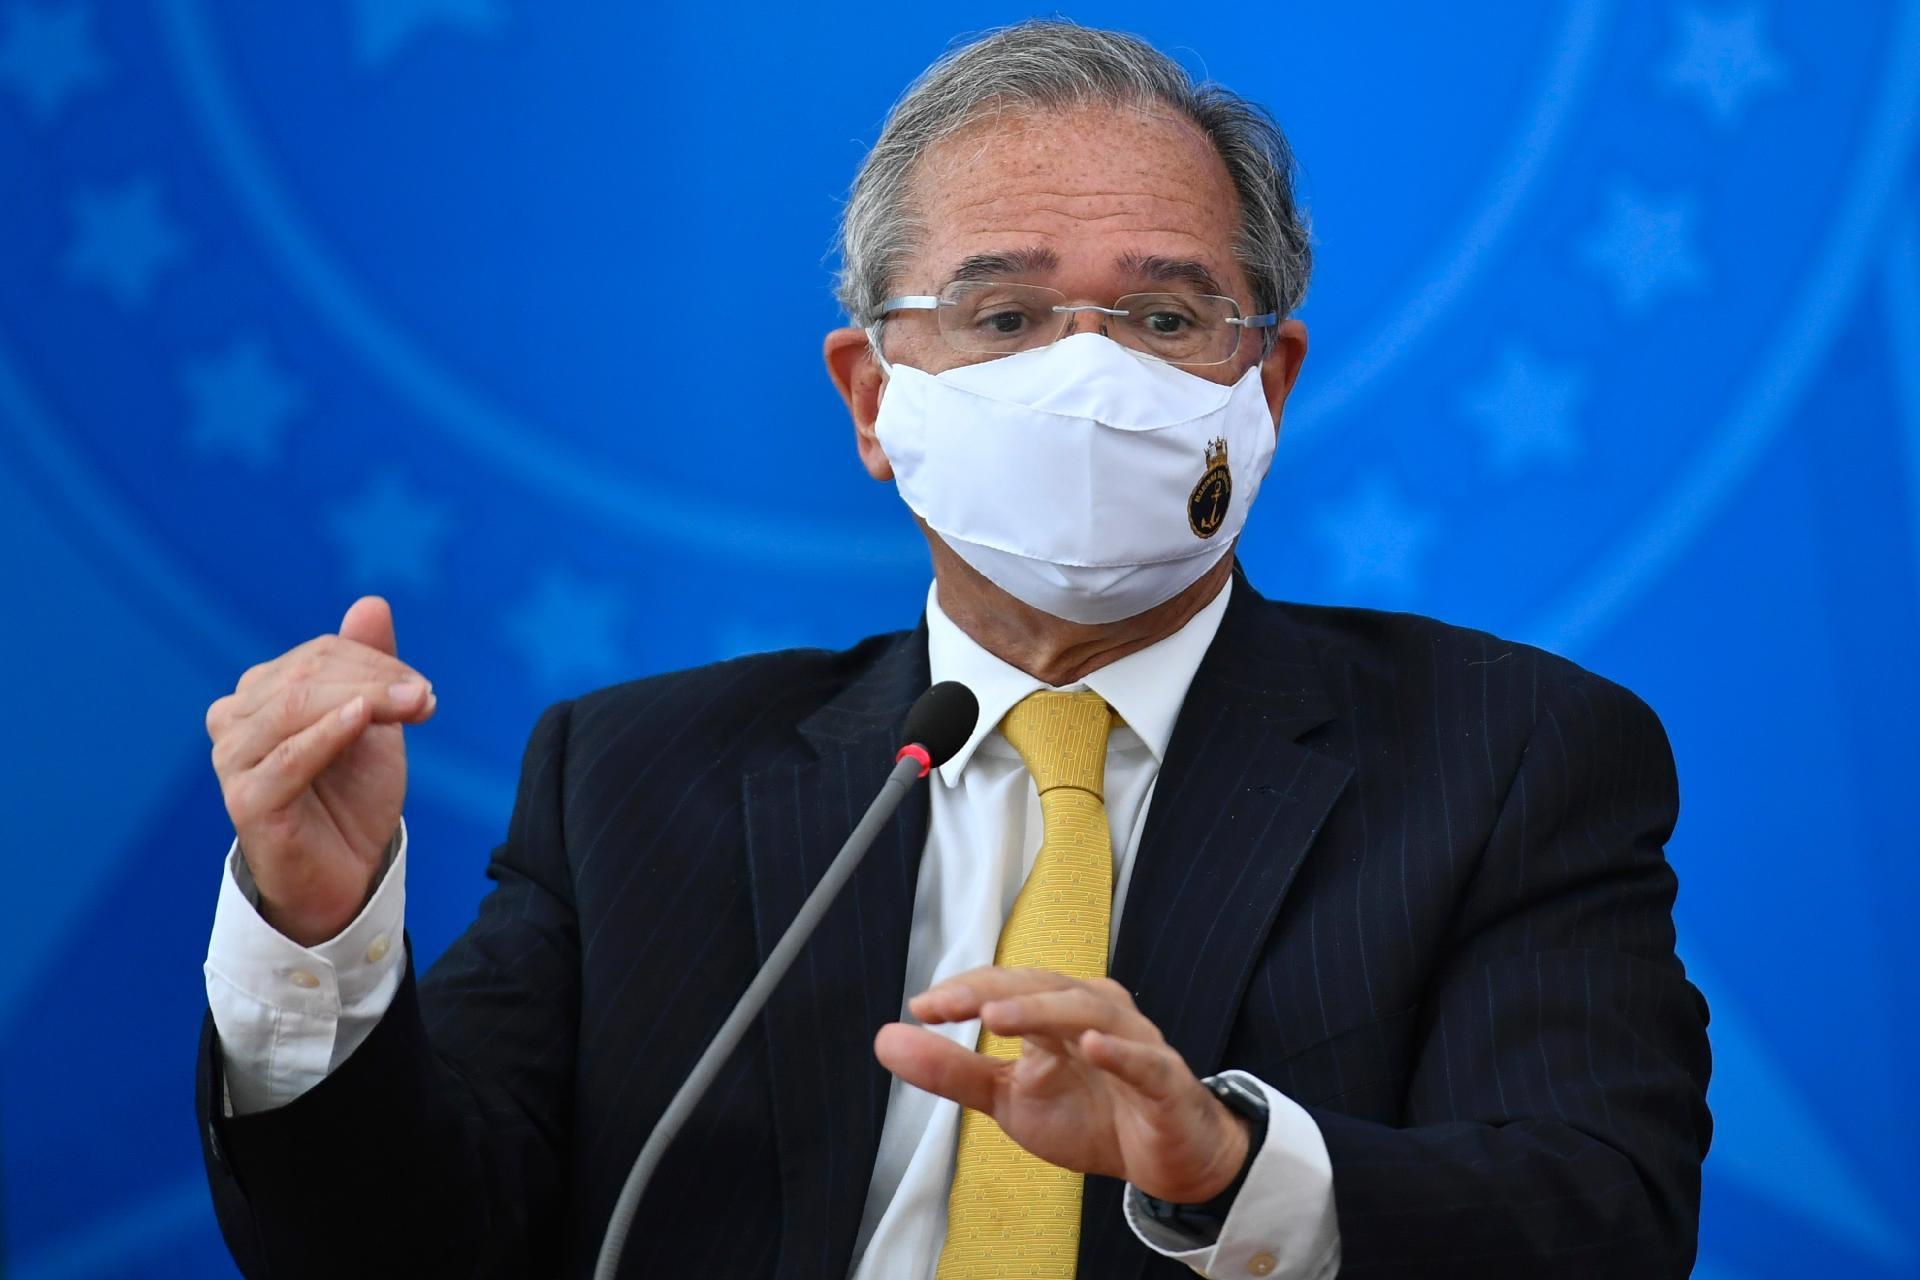 Ministro da Economia, Paulo Guedes - Imagem: Mateus Bonomi/AGIF/Estadão Conteúdo